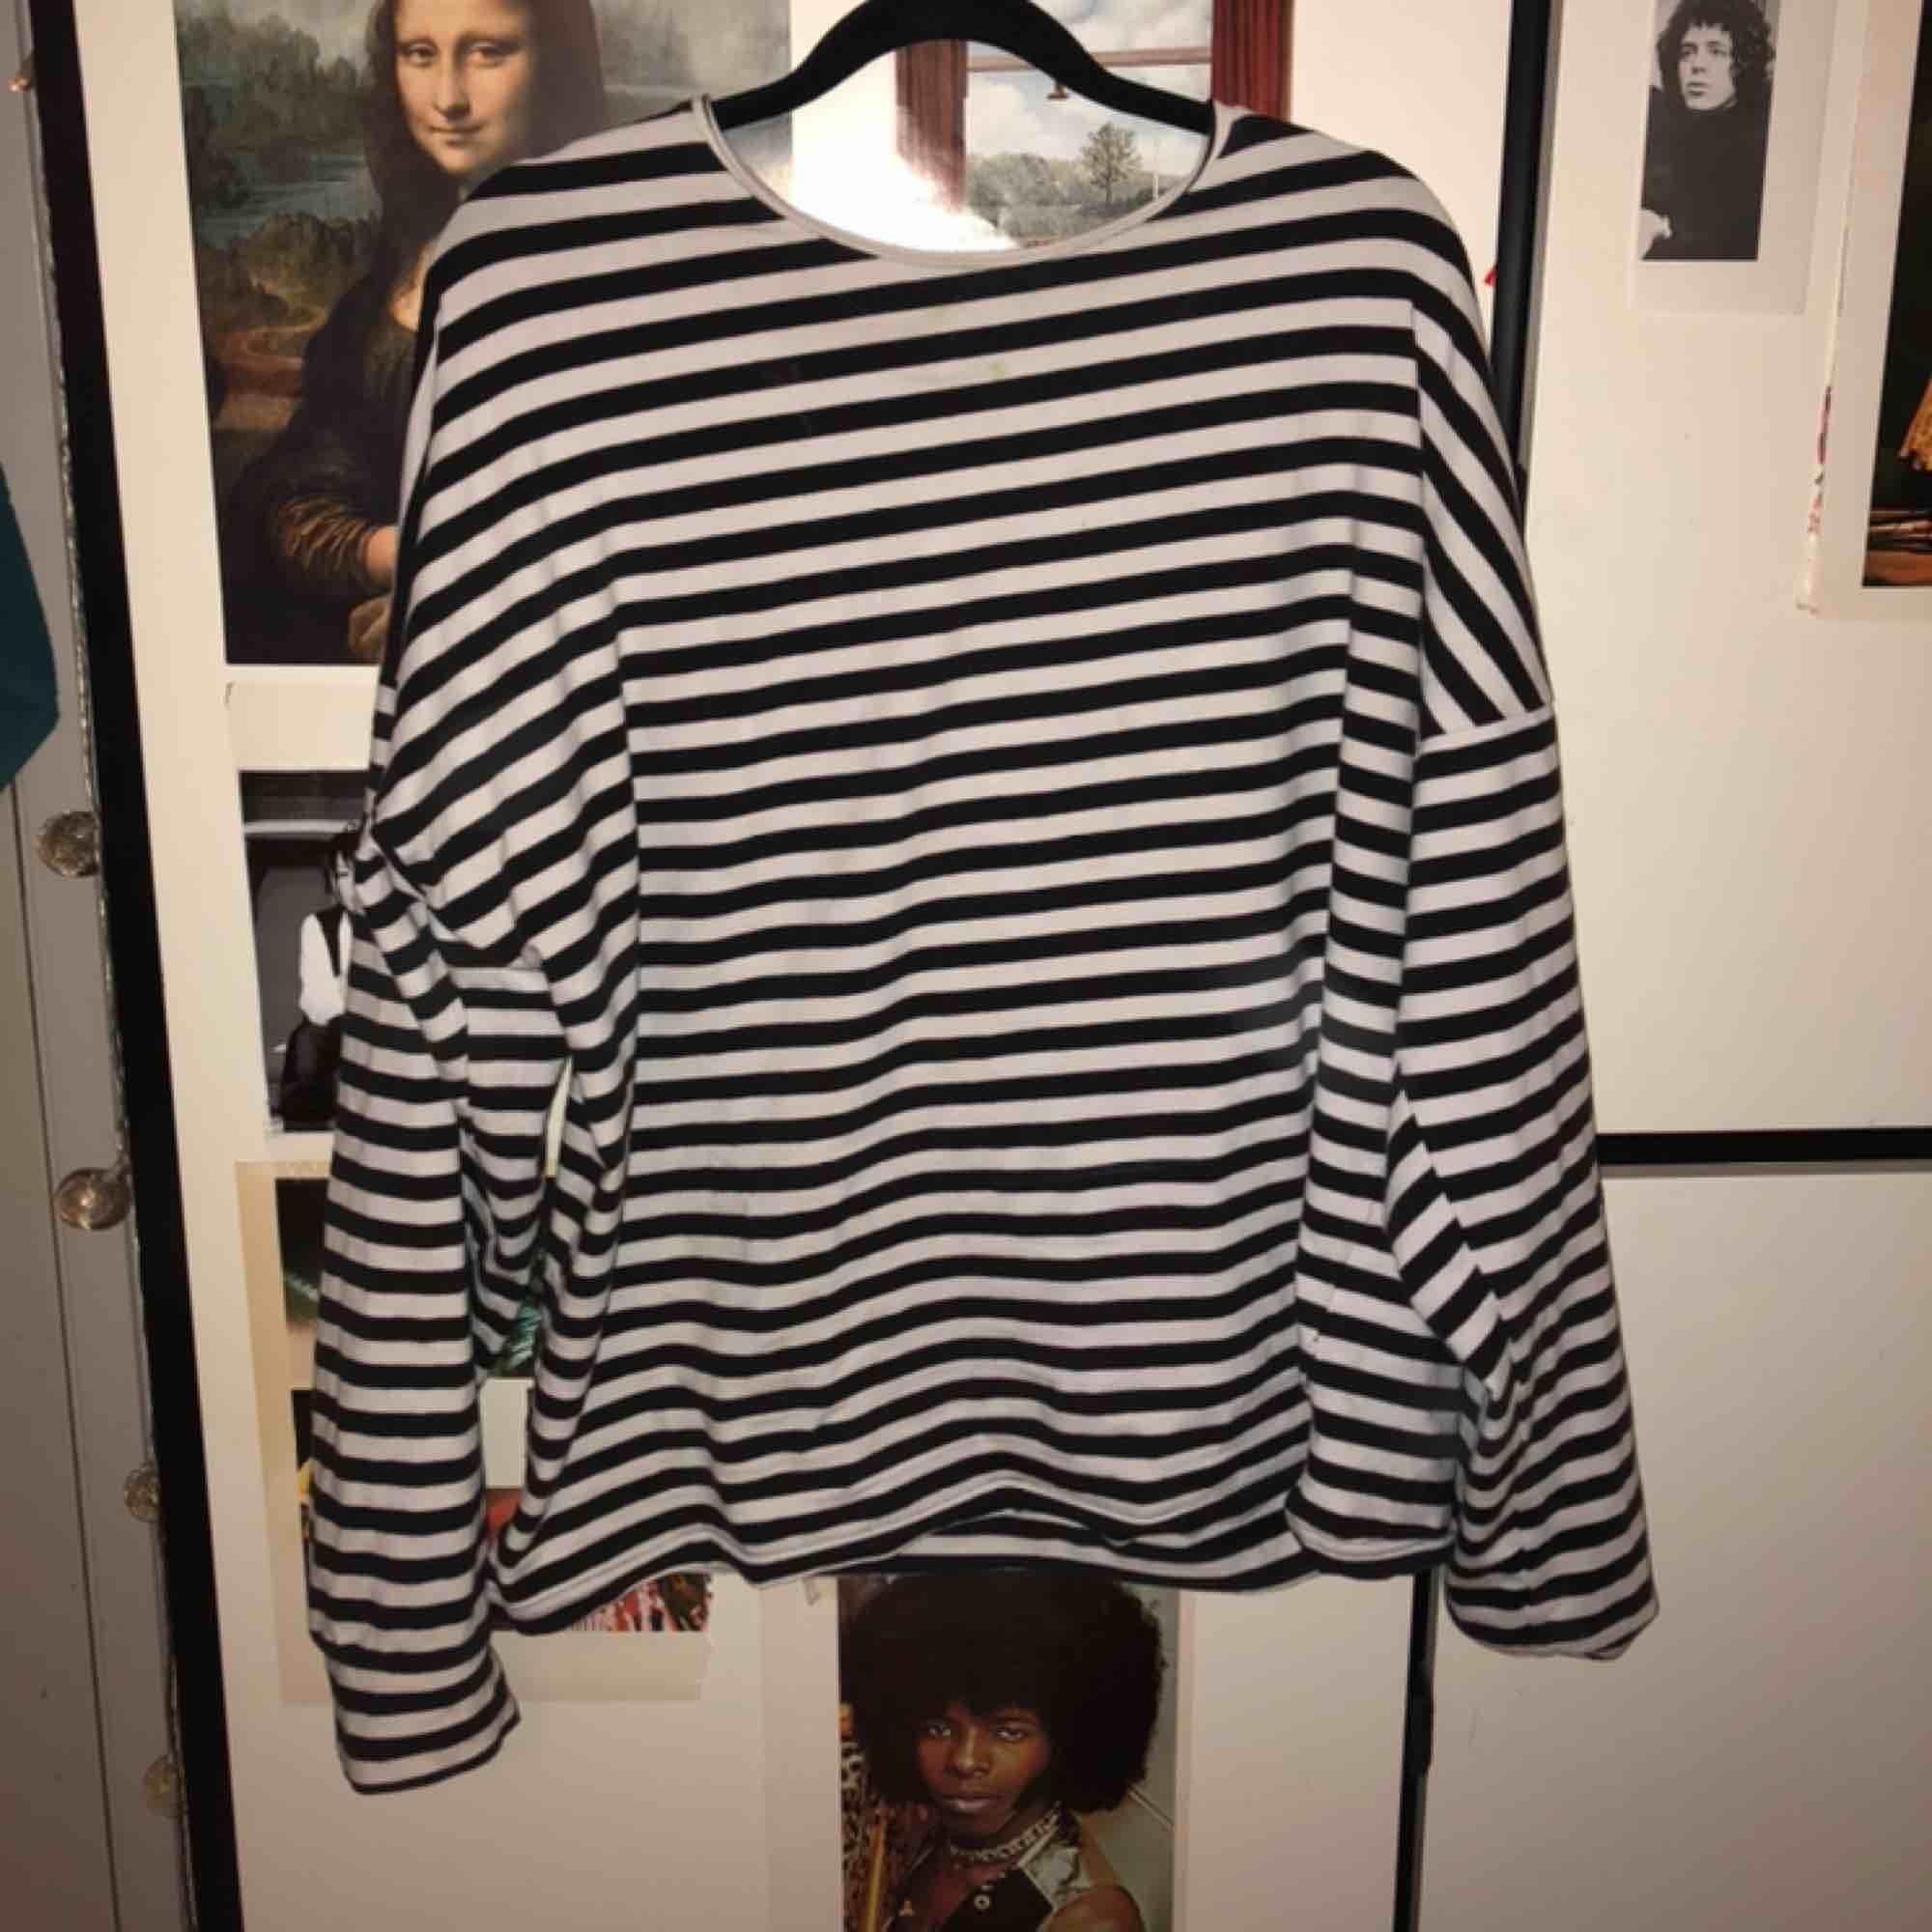 🐭🦅🐭🦅🐭🦅🐭🦅 Randig långärmad t-shirt! Asmysigt material. Asmysig e-boy vibe. Supertrendigt!! Märket är något mysitiskt polskt indieföretag. Mycket coolare än H&M alltså!! . Tröjor & Koftor.